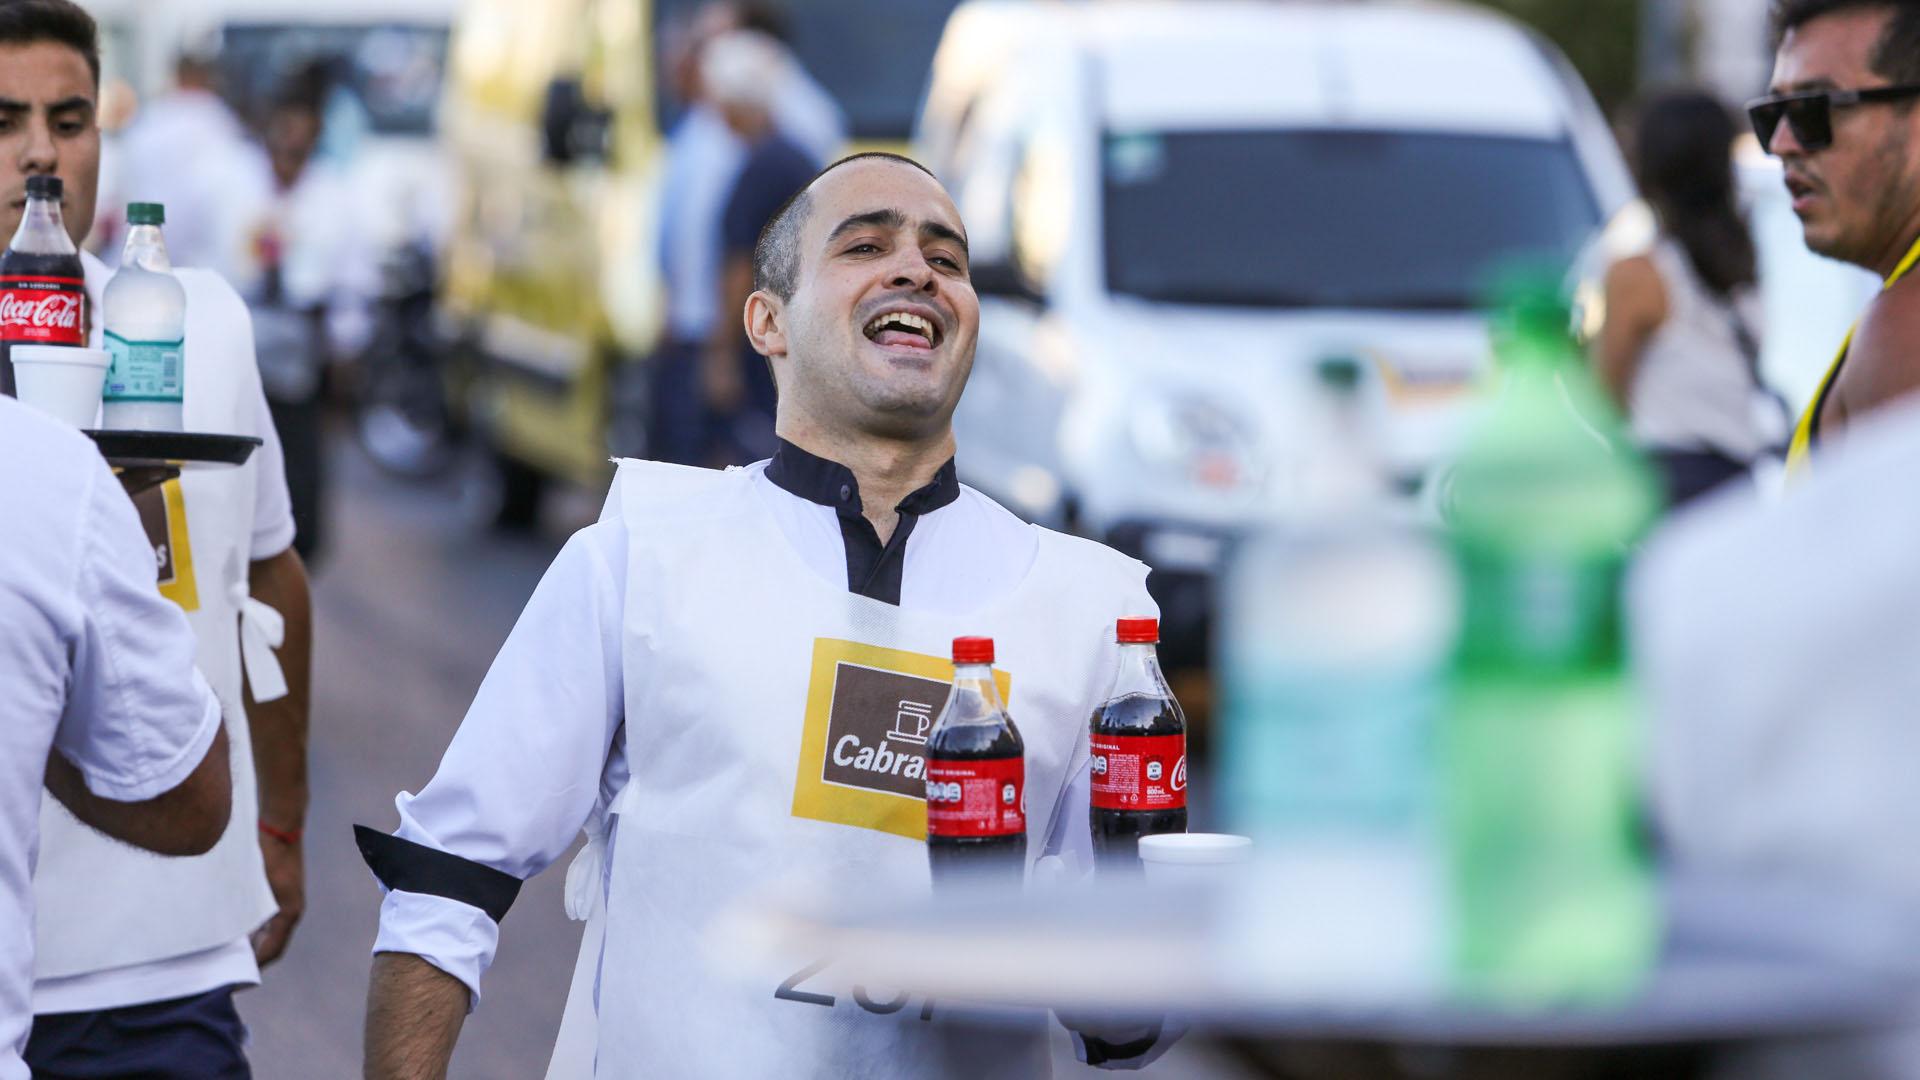 Uno de los competidores hace malabares para que no se le cayeran las botellas al apurar la caminata